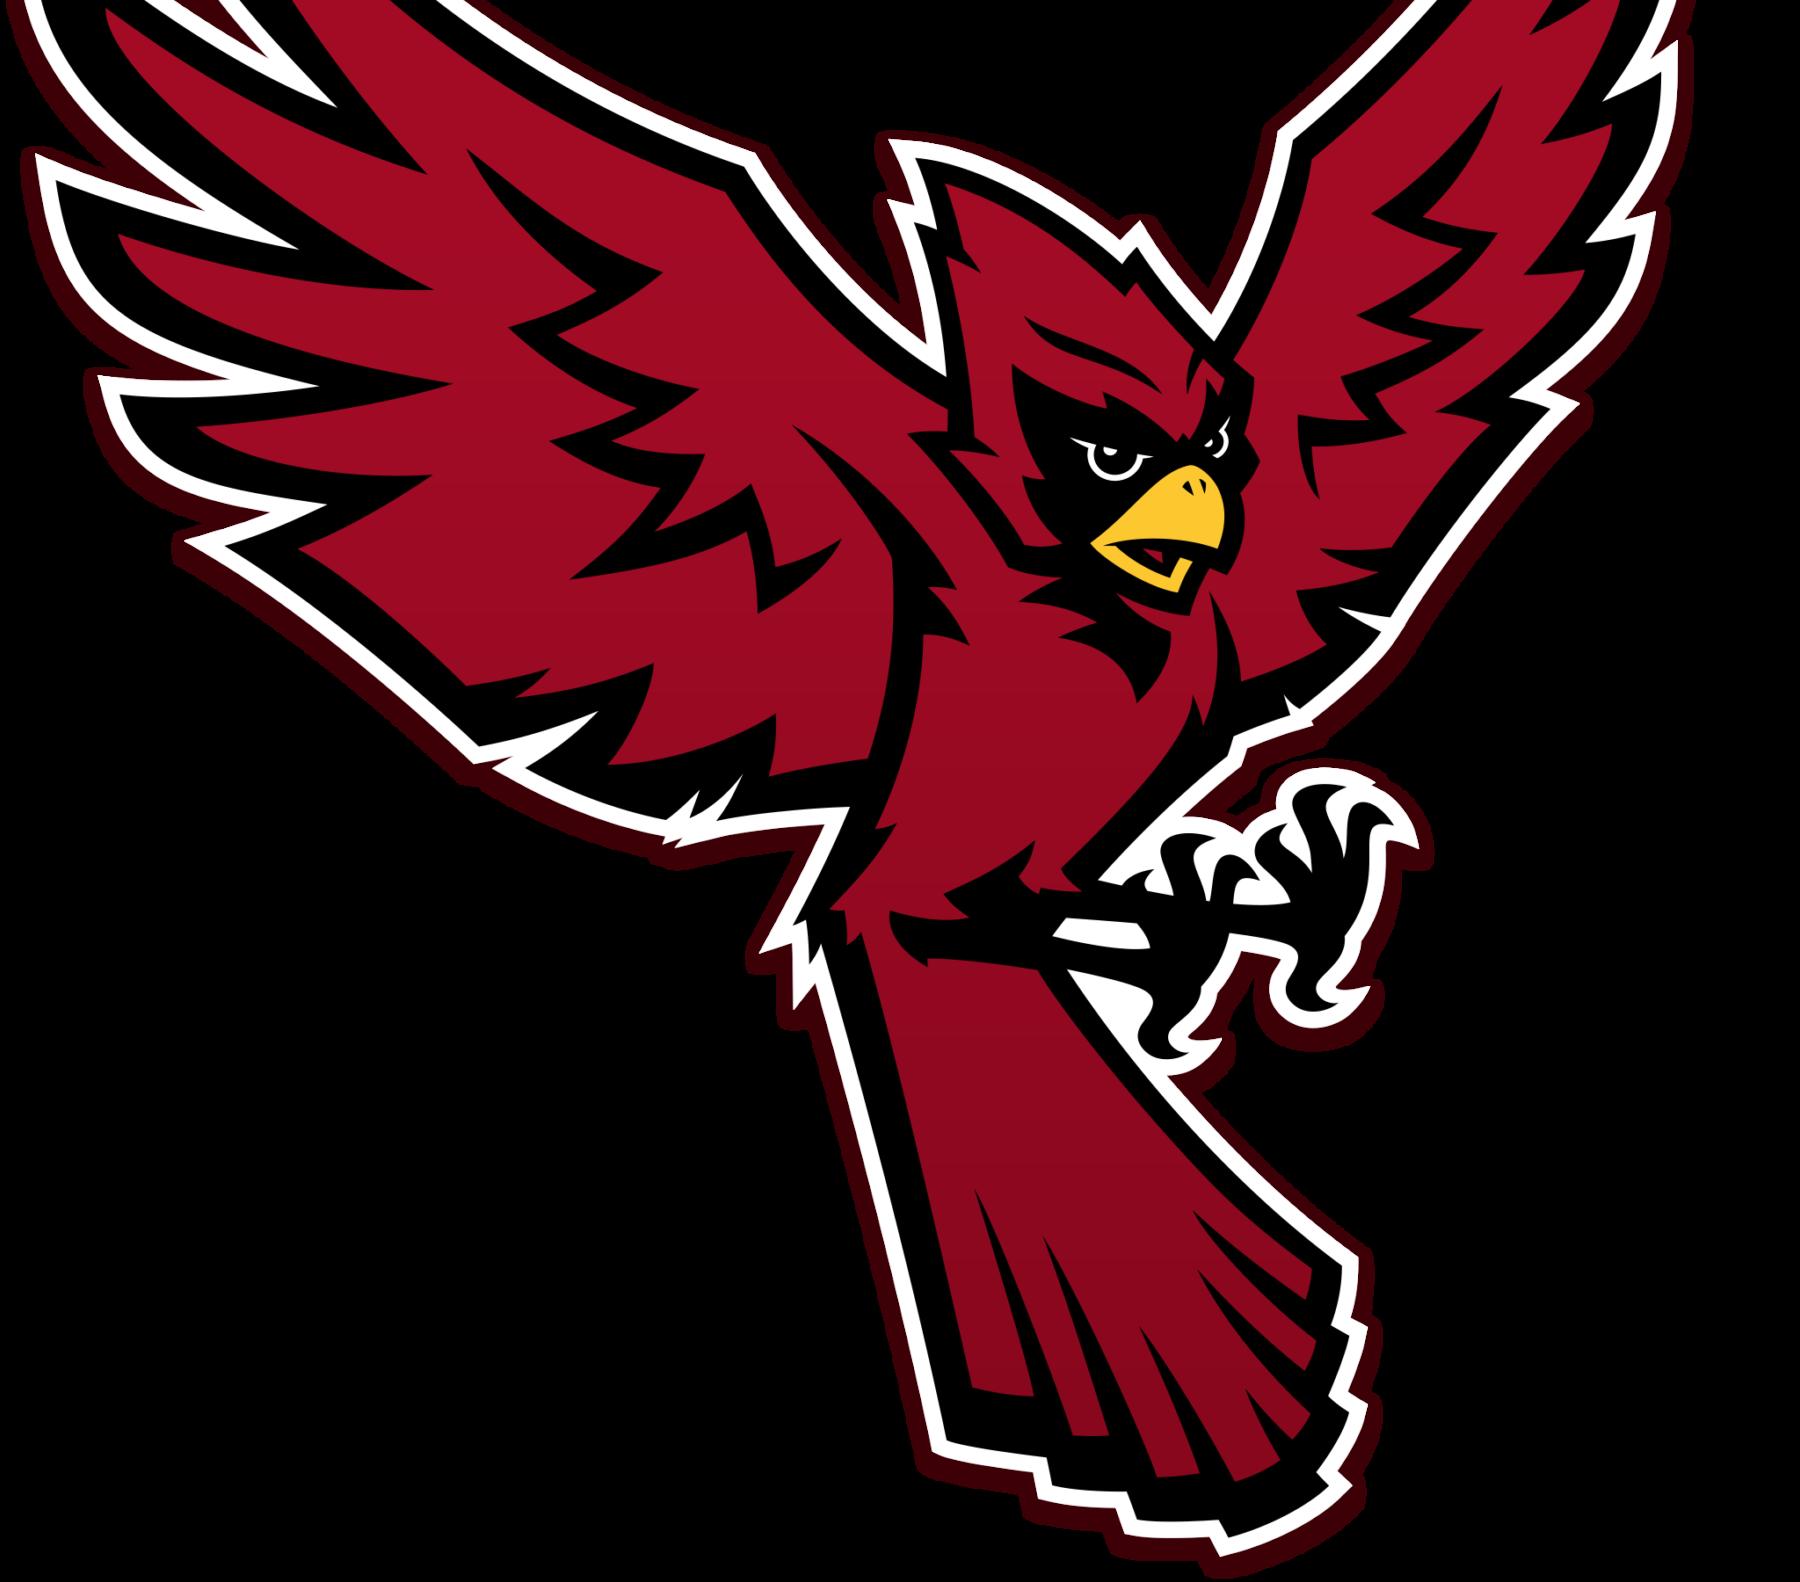 Raider Bird Full Body